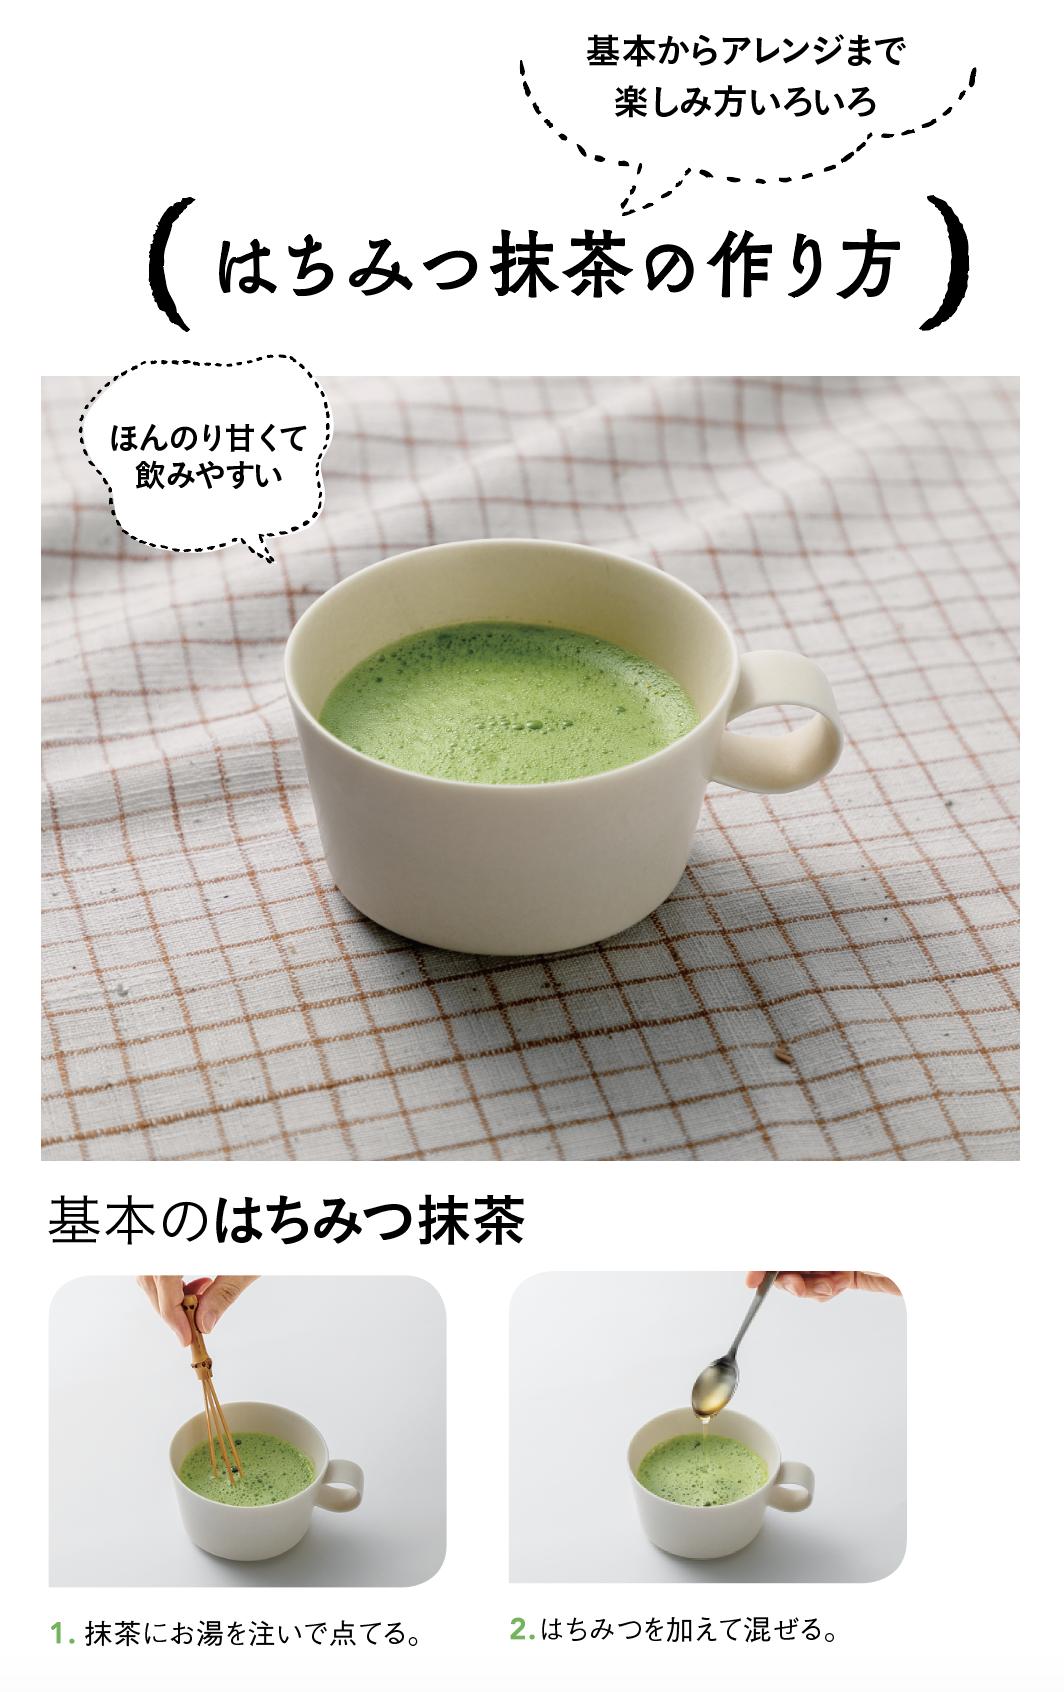 はちみつ抹茶の作り方